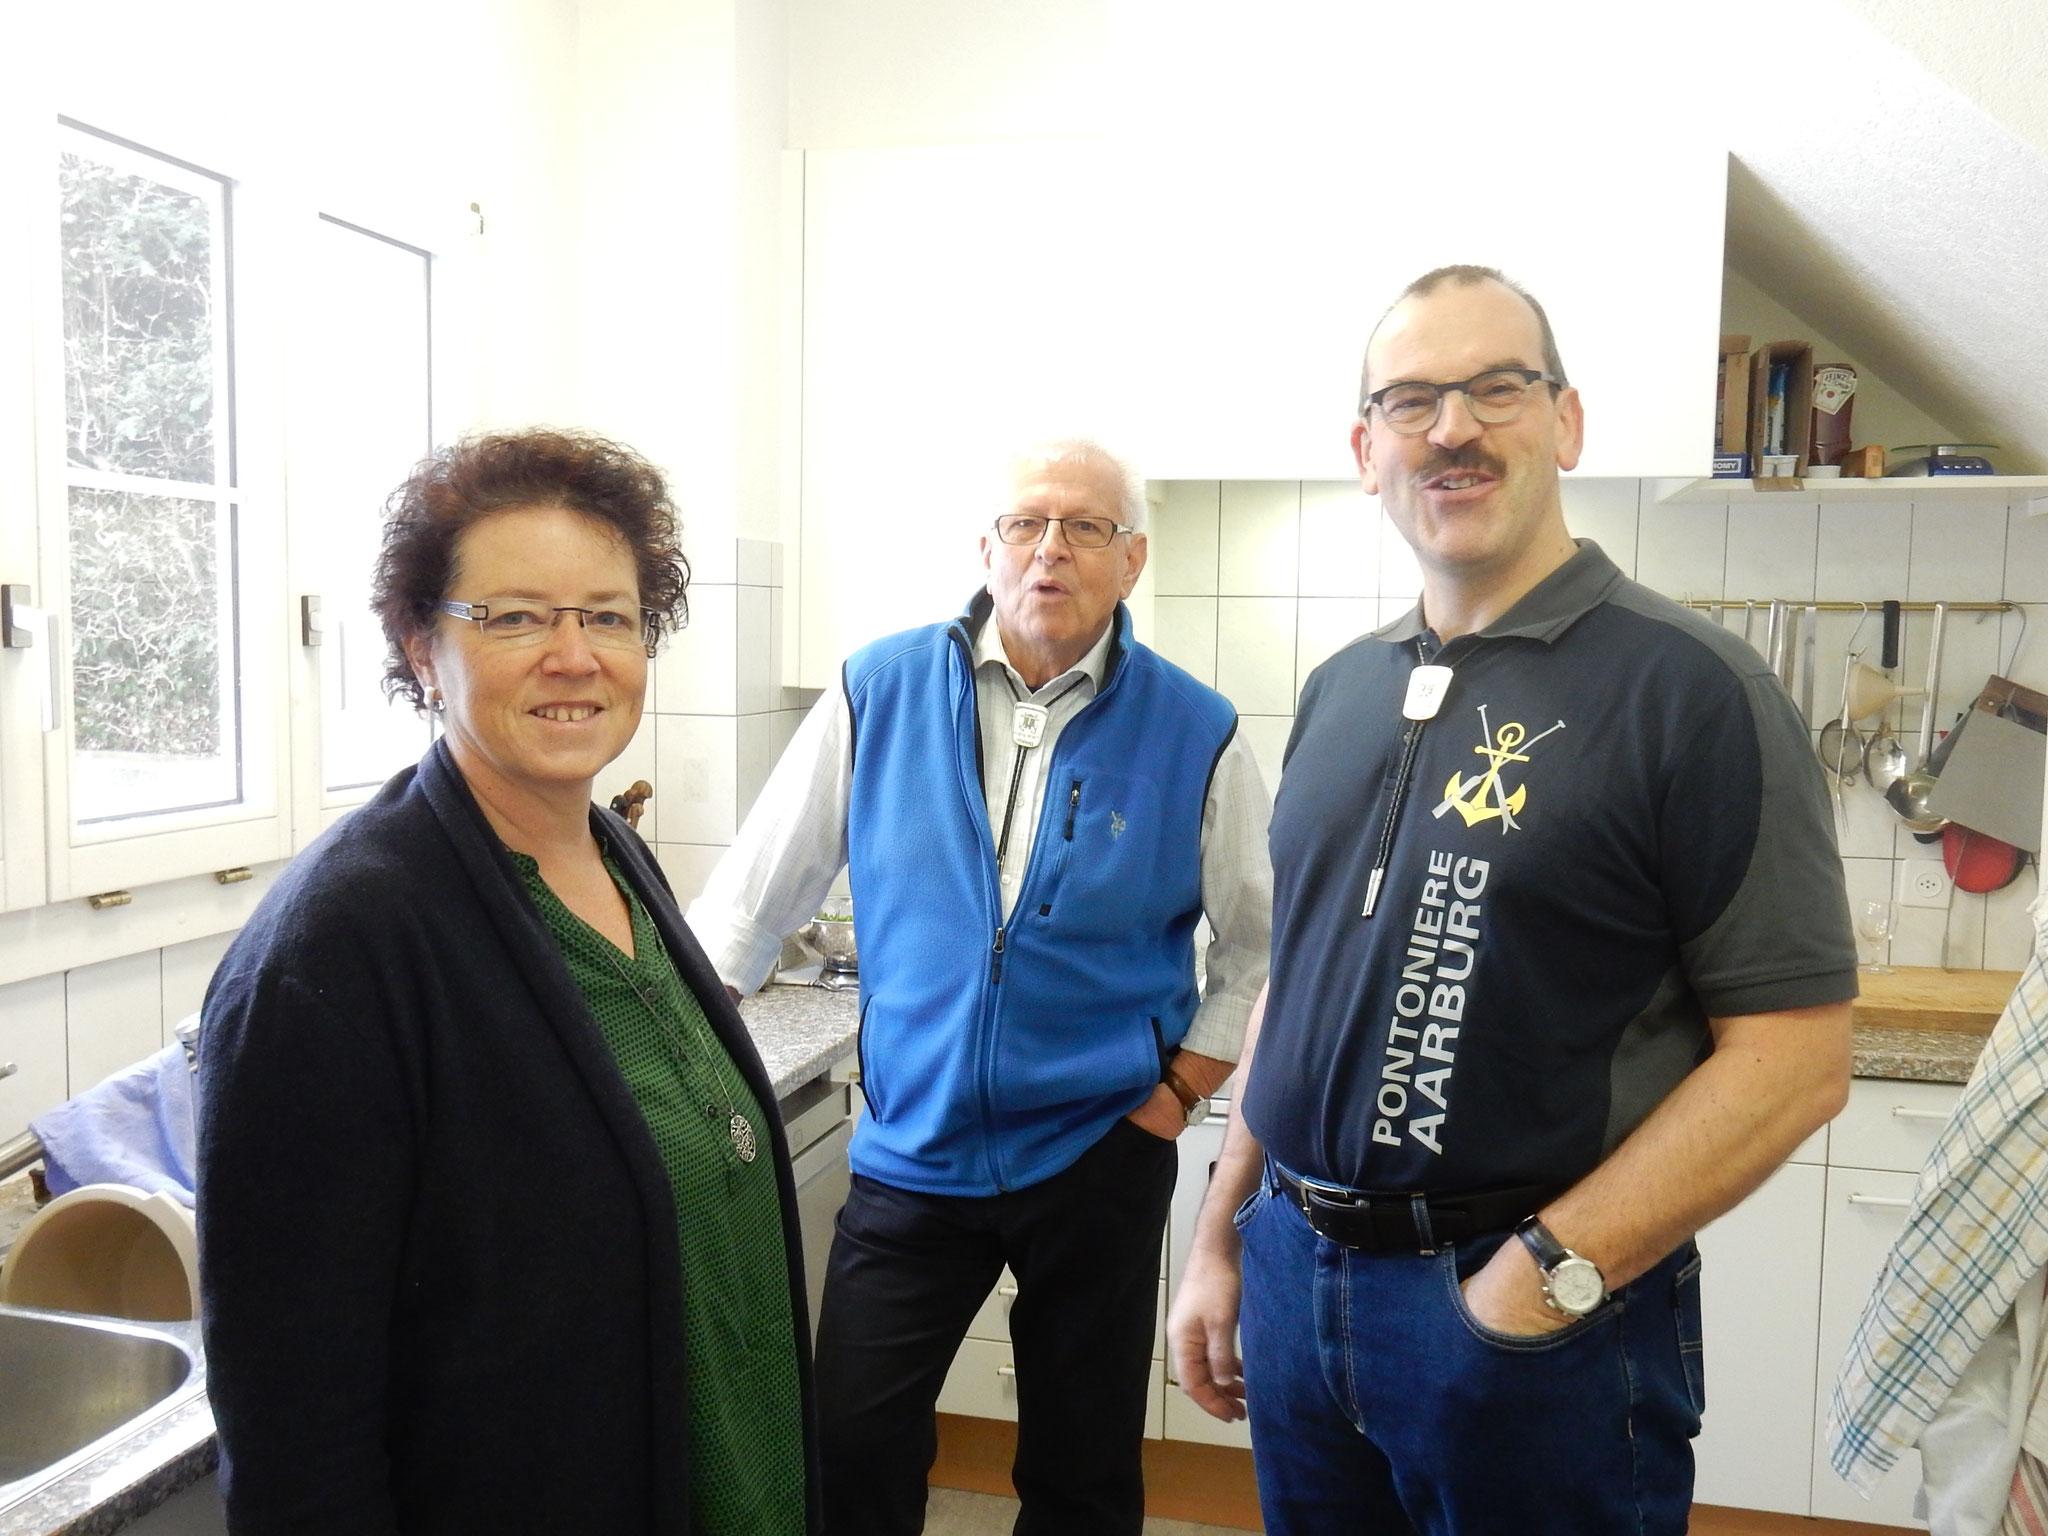 Nathalie Graf, Karl Niedermann und Jörg Graf